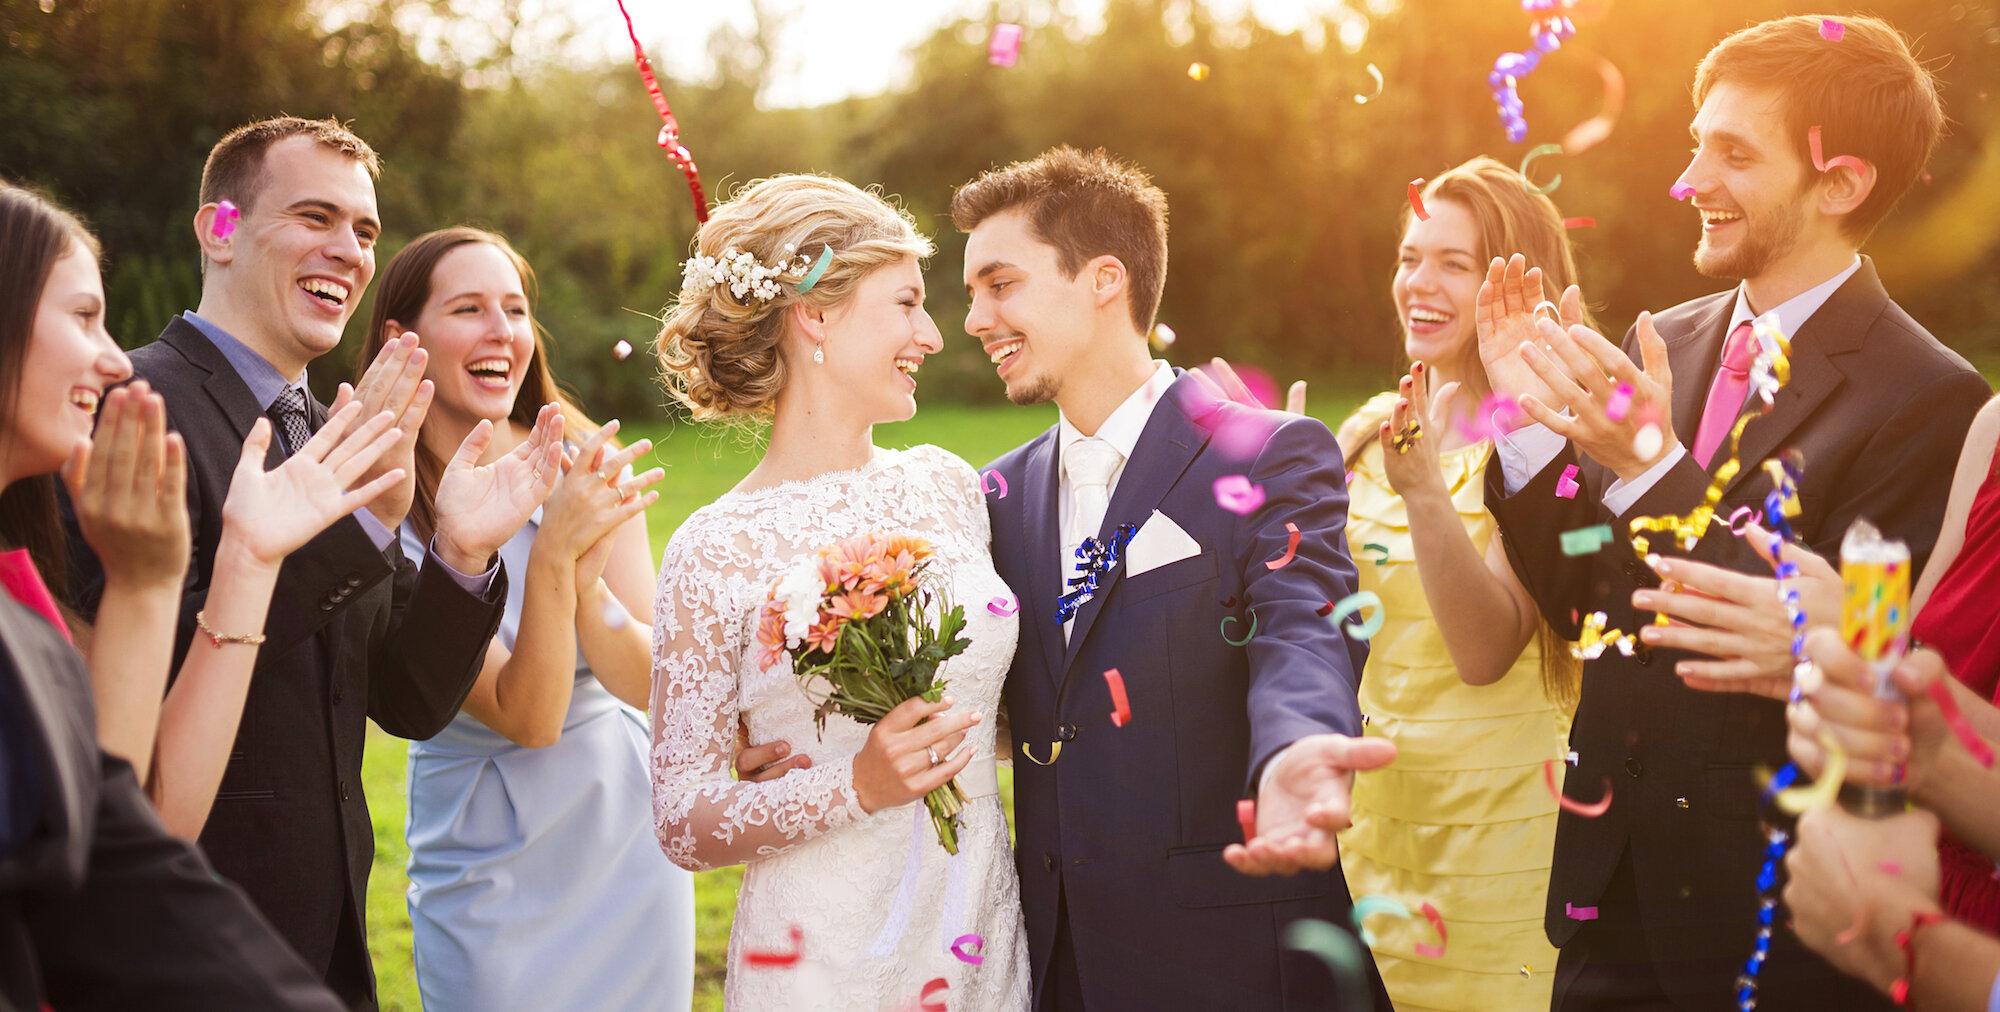 Hãy tận hưởng không khí đám cưới của chính mình!